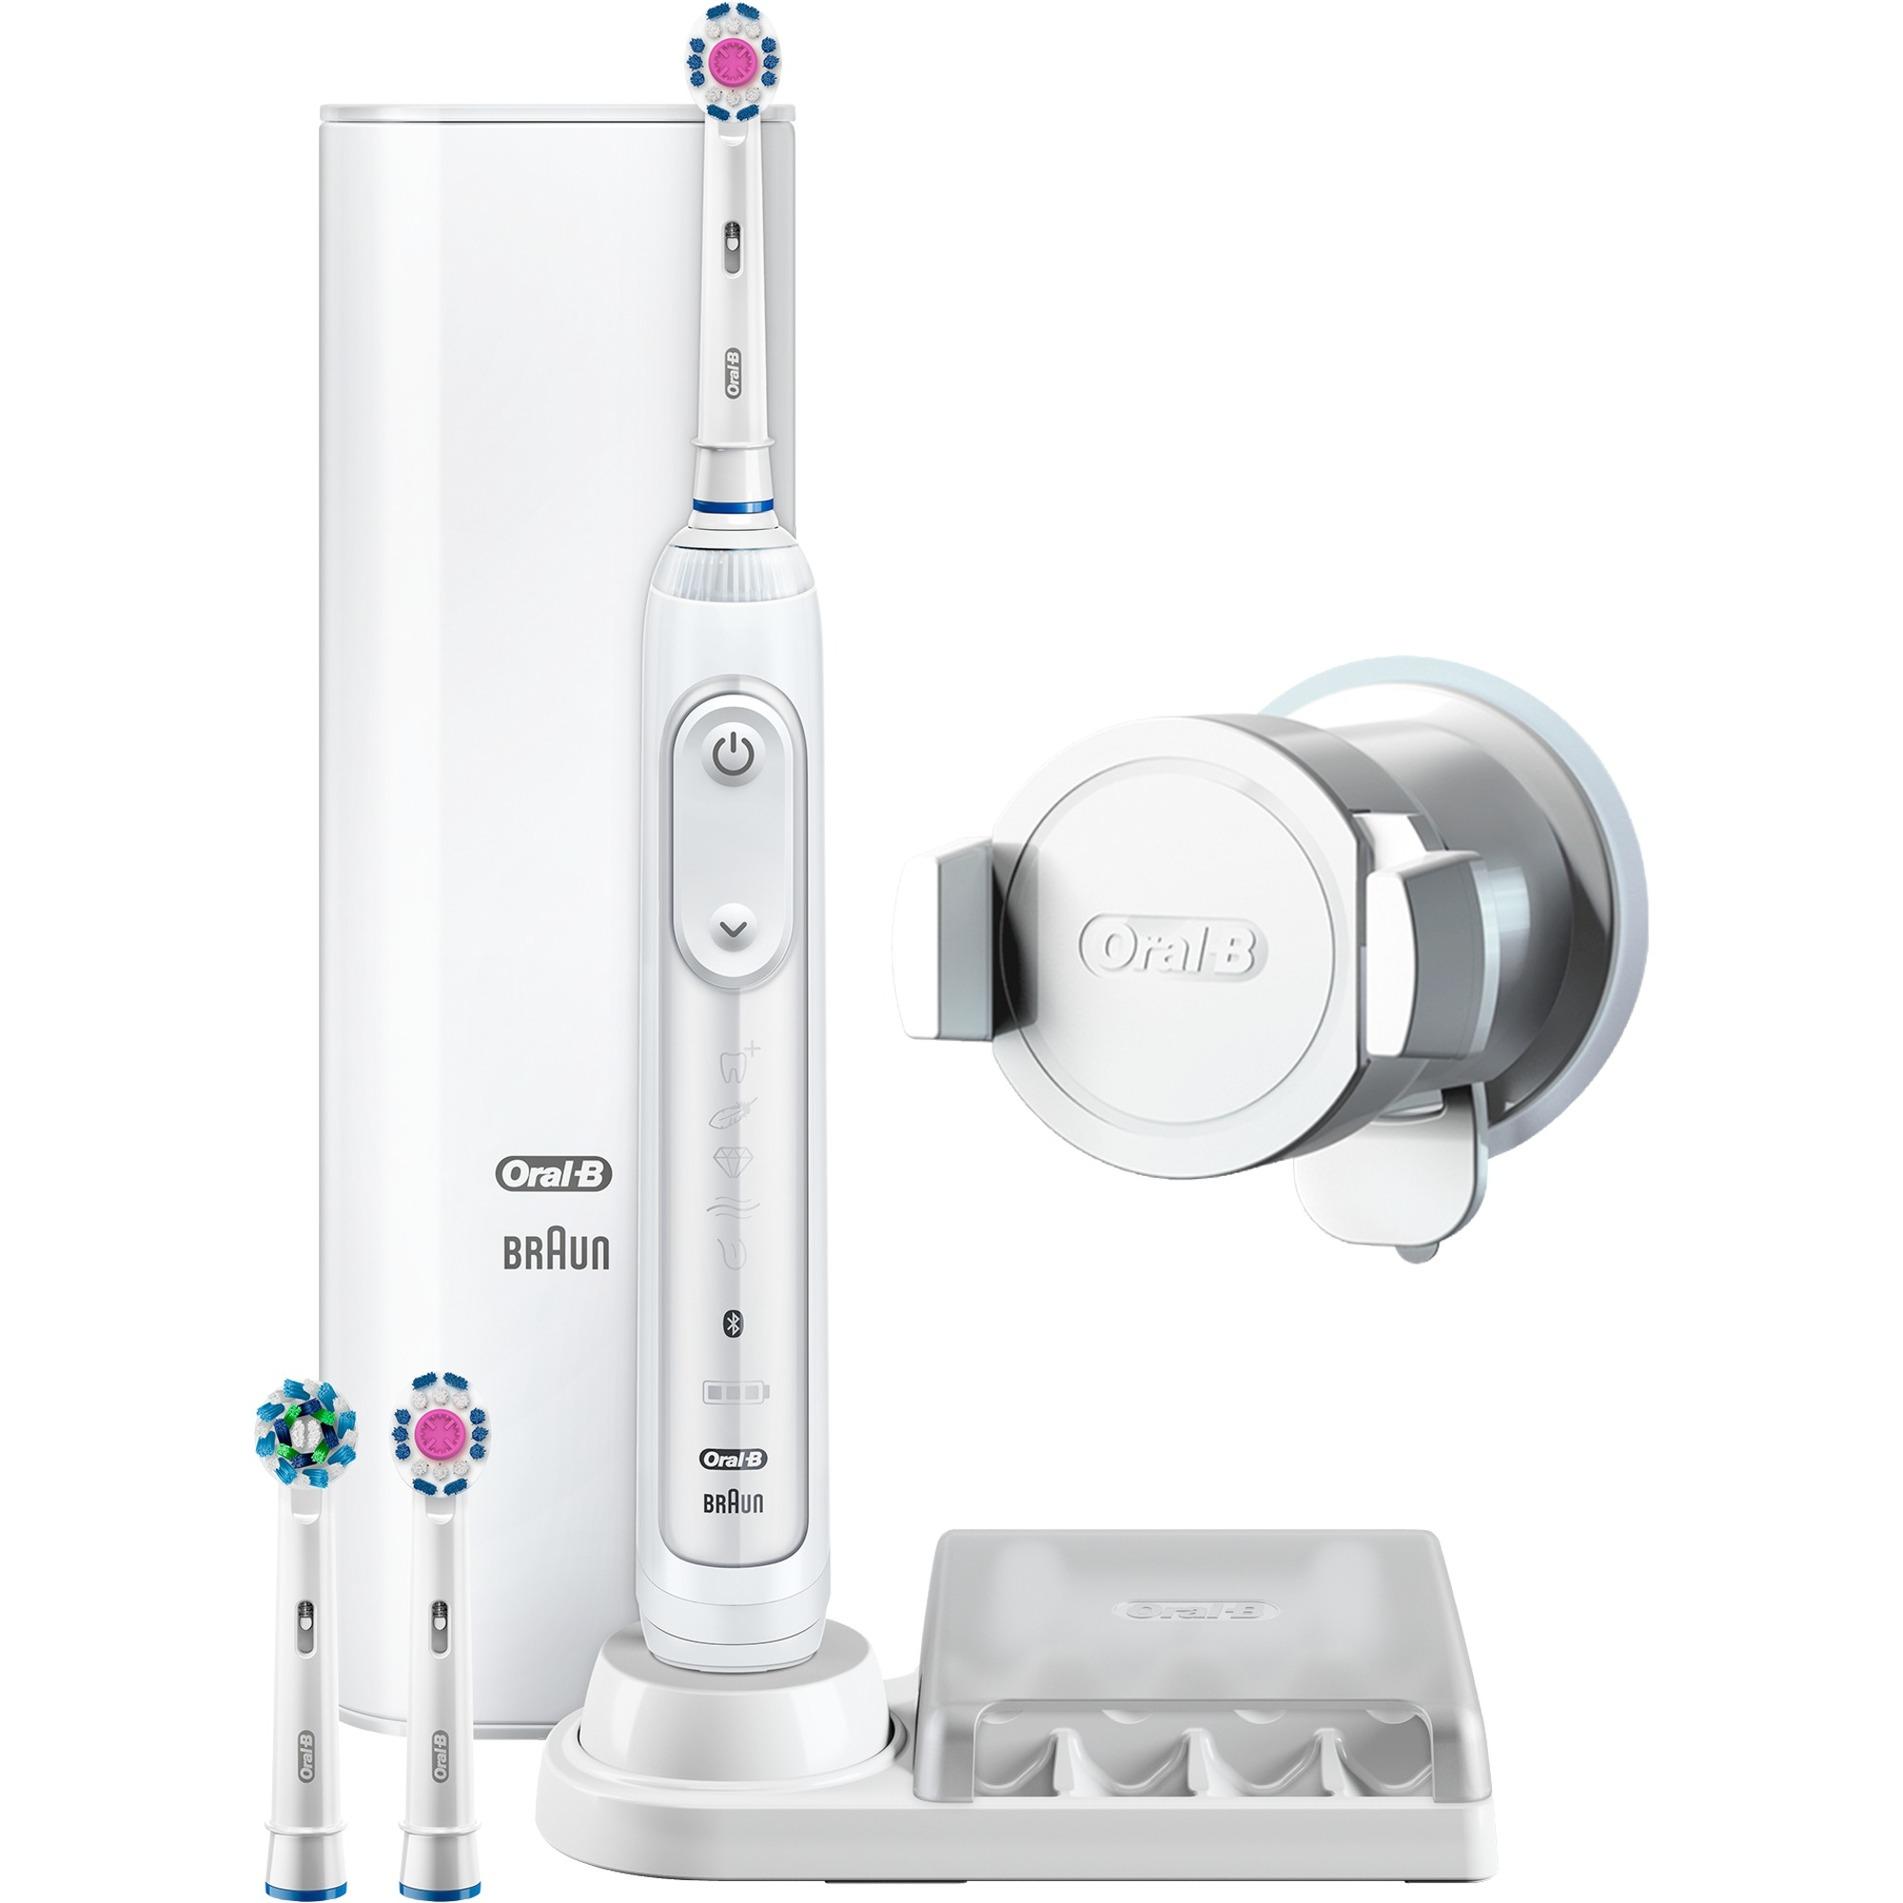 Genius 8200 Adulto Cepillo dental oscilante Blanco, Cepillo de dientes eléctrico